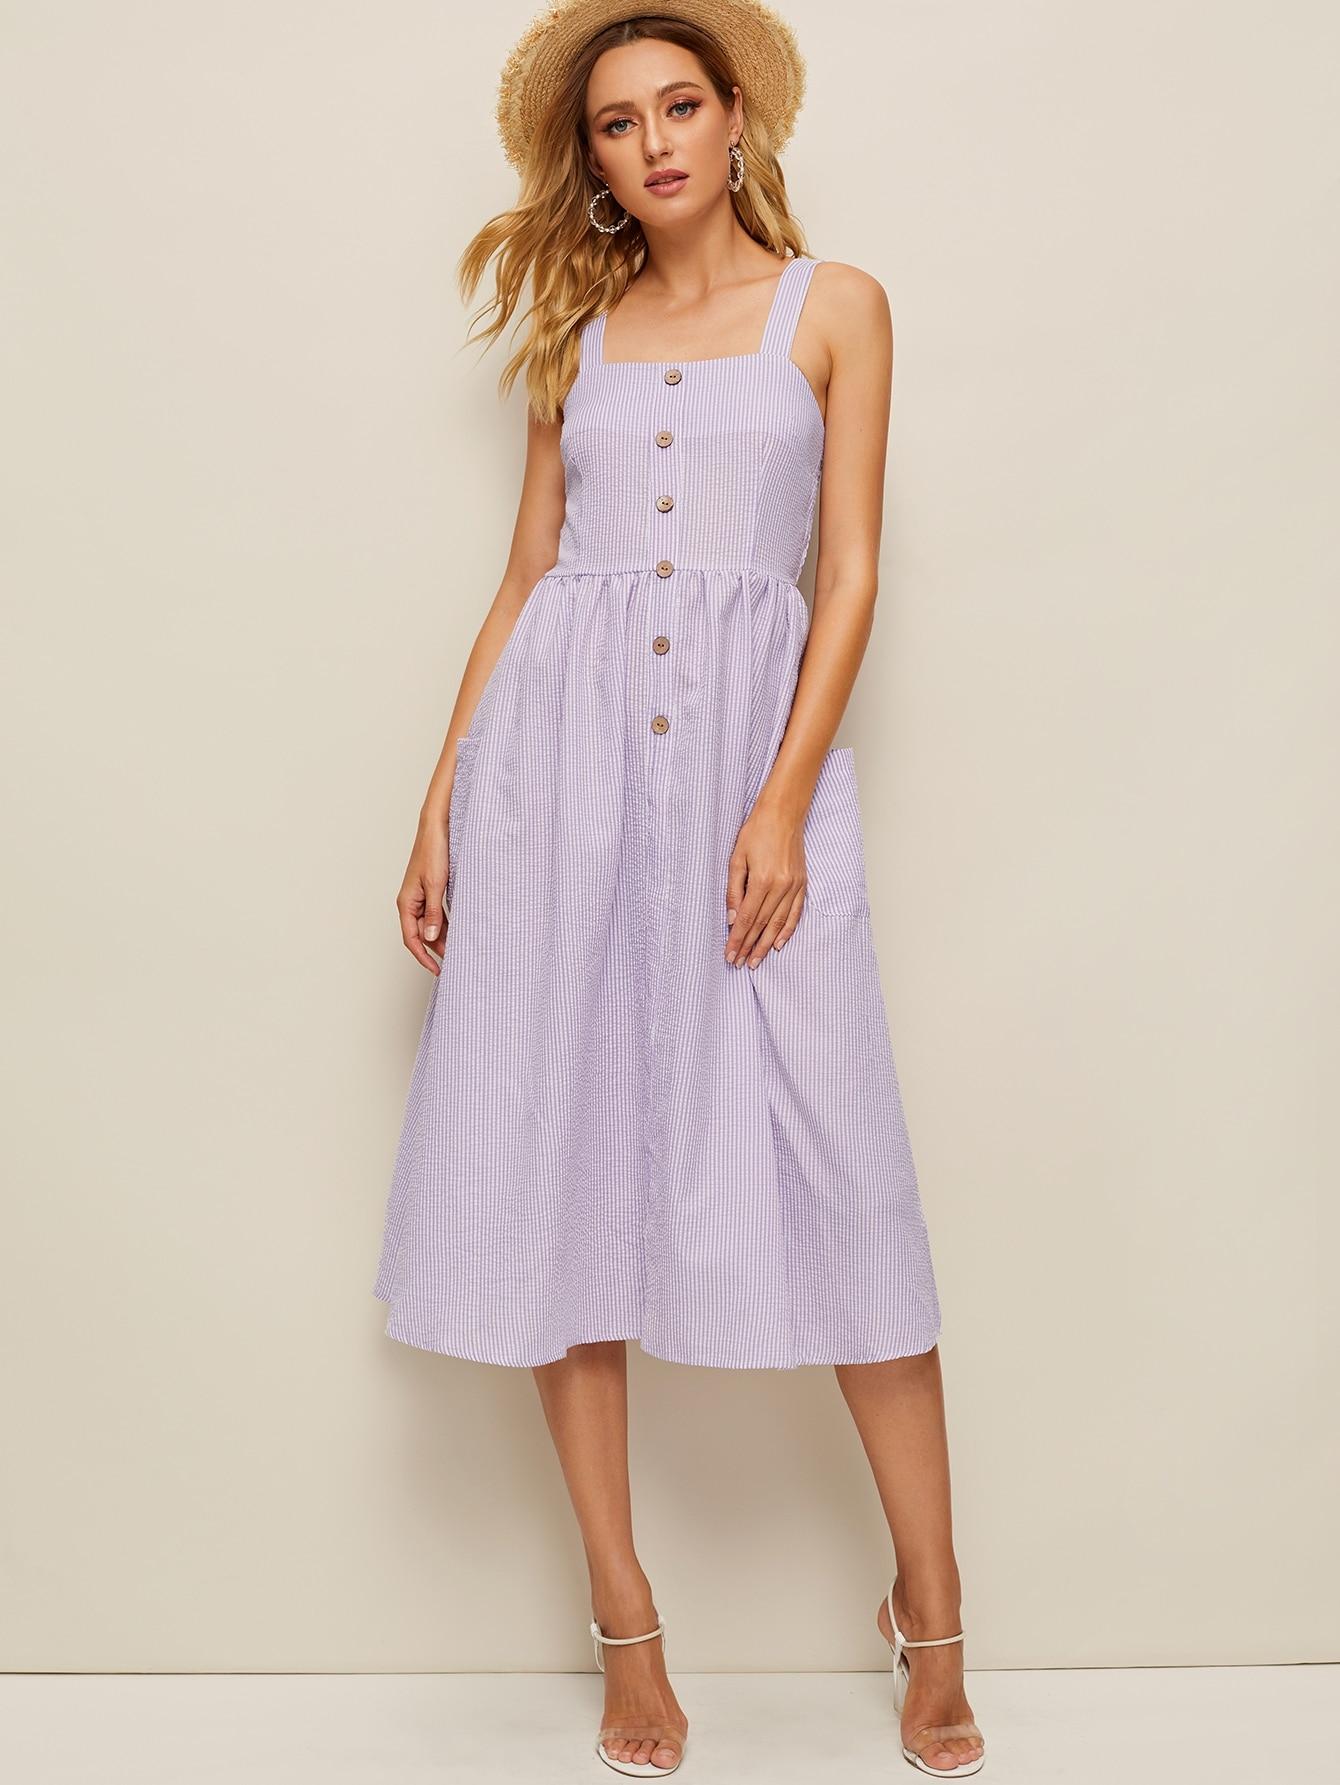 Фото - Полосатое платье без рукавов с пуговицами и карманом от SheIn цвет фиолетовые